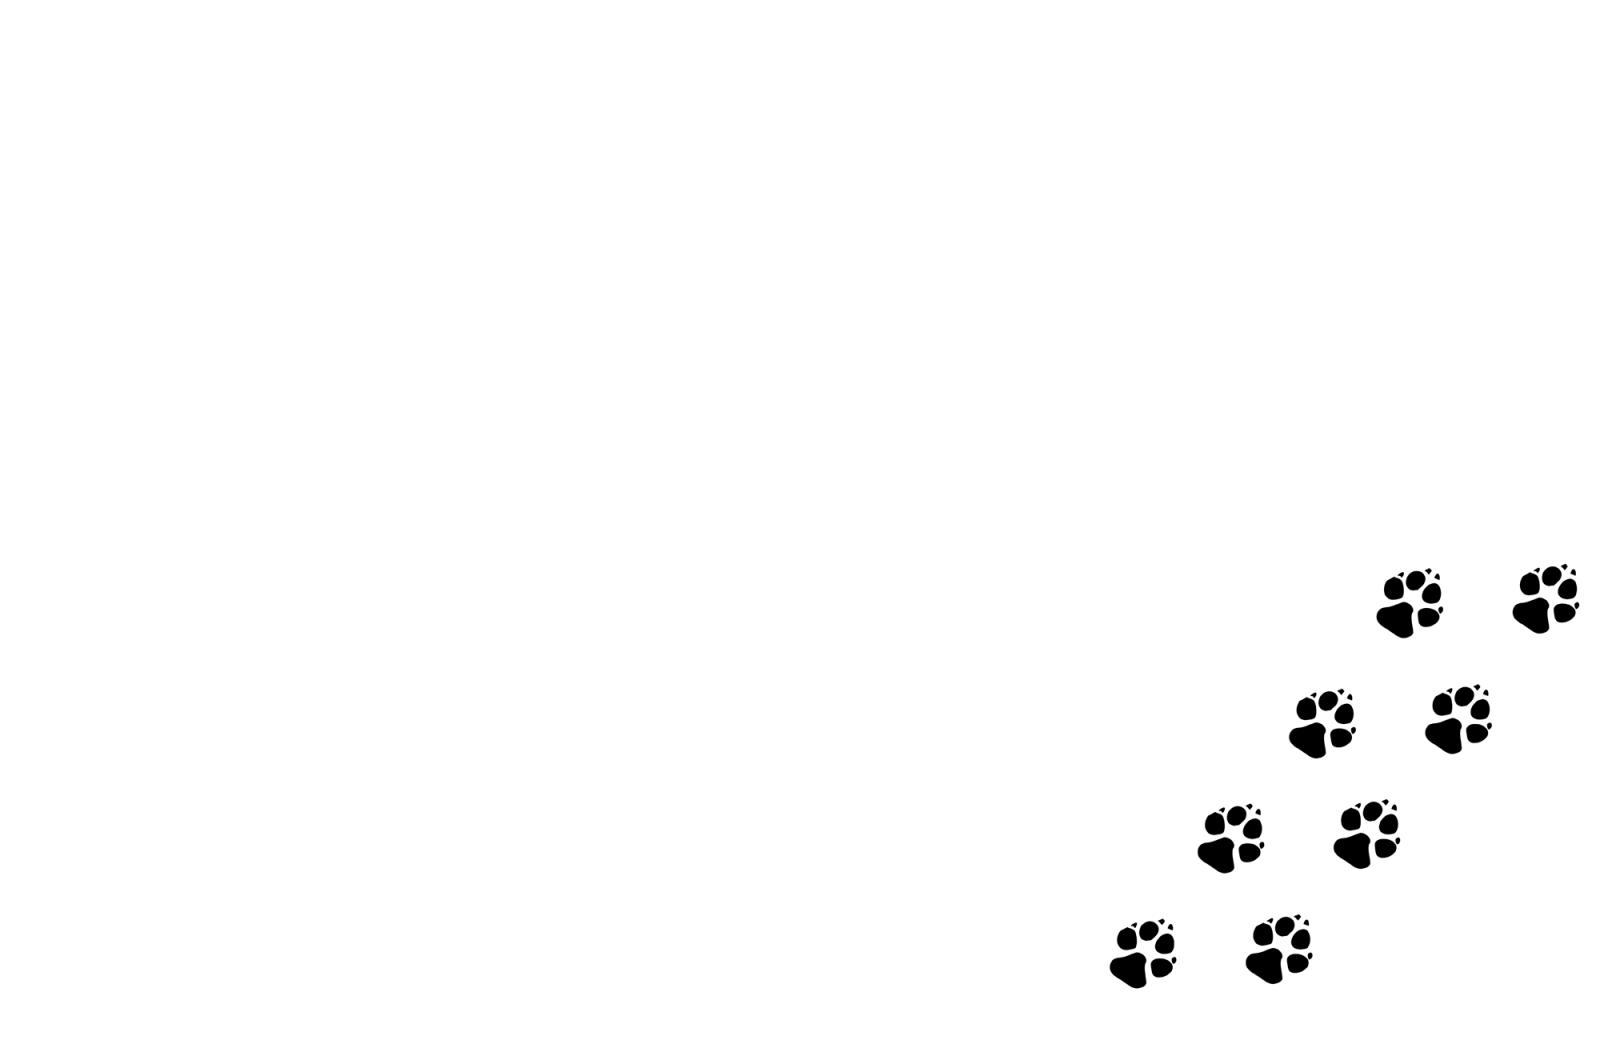 Ihr Hunde Cioffeur Stübli befindet sich im Kanton Aargau in der Schweiz. Wir freuen uns auf Ihren Besuch und verwöhnen Ihren Hund gerne, mit unseren Dienstleistungen, wie Friesieren, Scheren, Waschen, Hunde Baden und Trimmen. Dazu bieten wir noch Hundezubehör und Hundeaccessoires an.Jacqueline Buschor und der Hundesalon in Aargau und Luzern, erwartet Sie gerne.